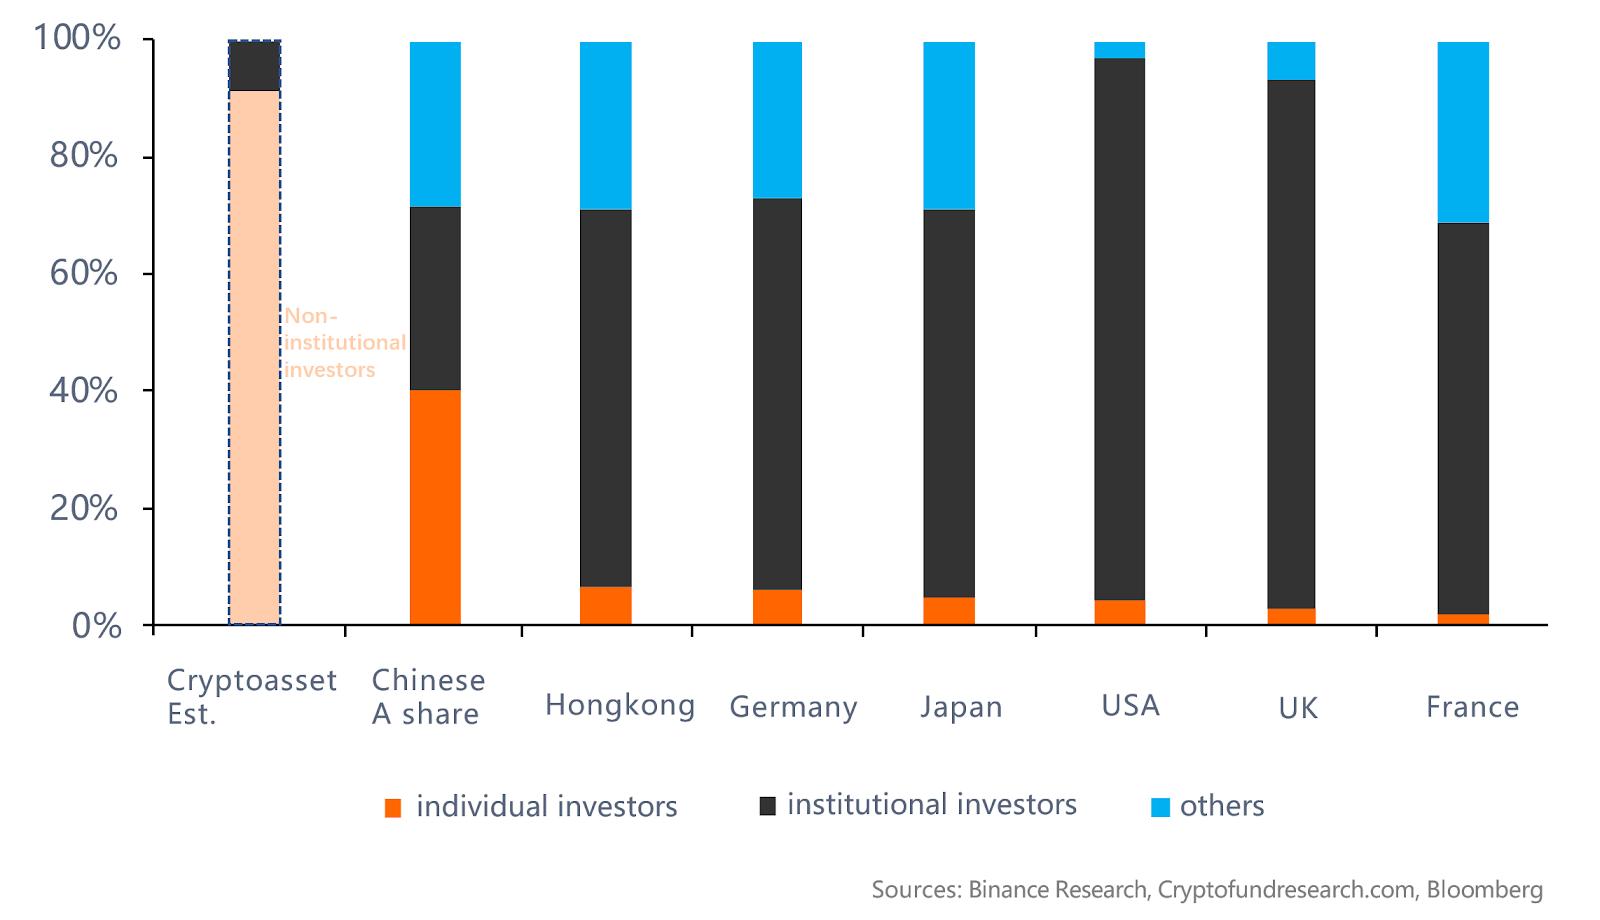 Pour illustrer cela, voici la comparaison des acteurs du marché crypto avec les marchés traditionnels mondiaux.